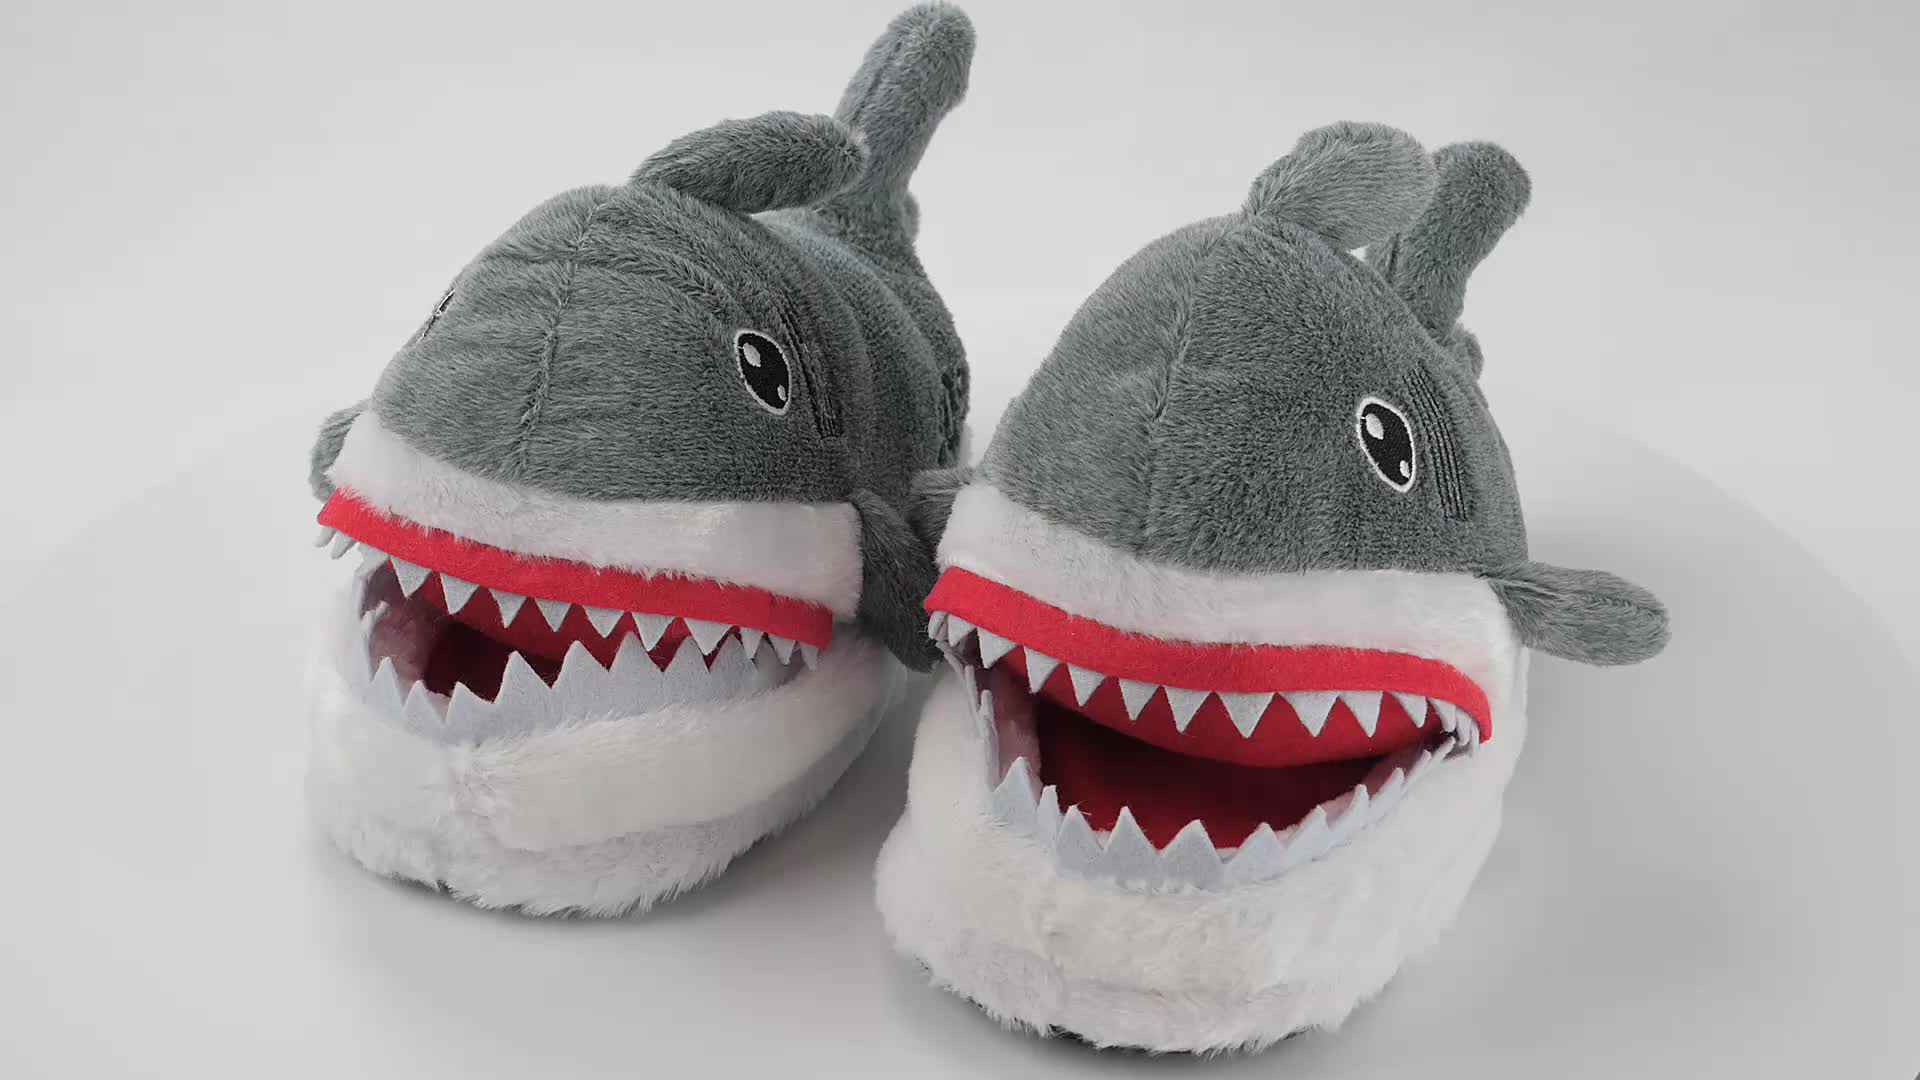 Shark shape สัตว์ฤดูหนาวรองเท้าแตะนุ่มรองเท้าแตะ plush ของเล่นในร่มห้องนอนตลก sos unisex รองเท้าแตะ